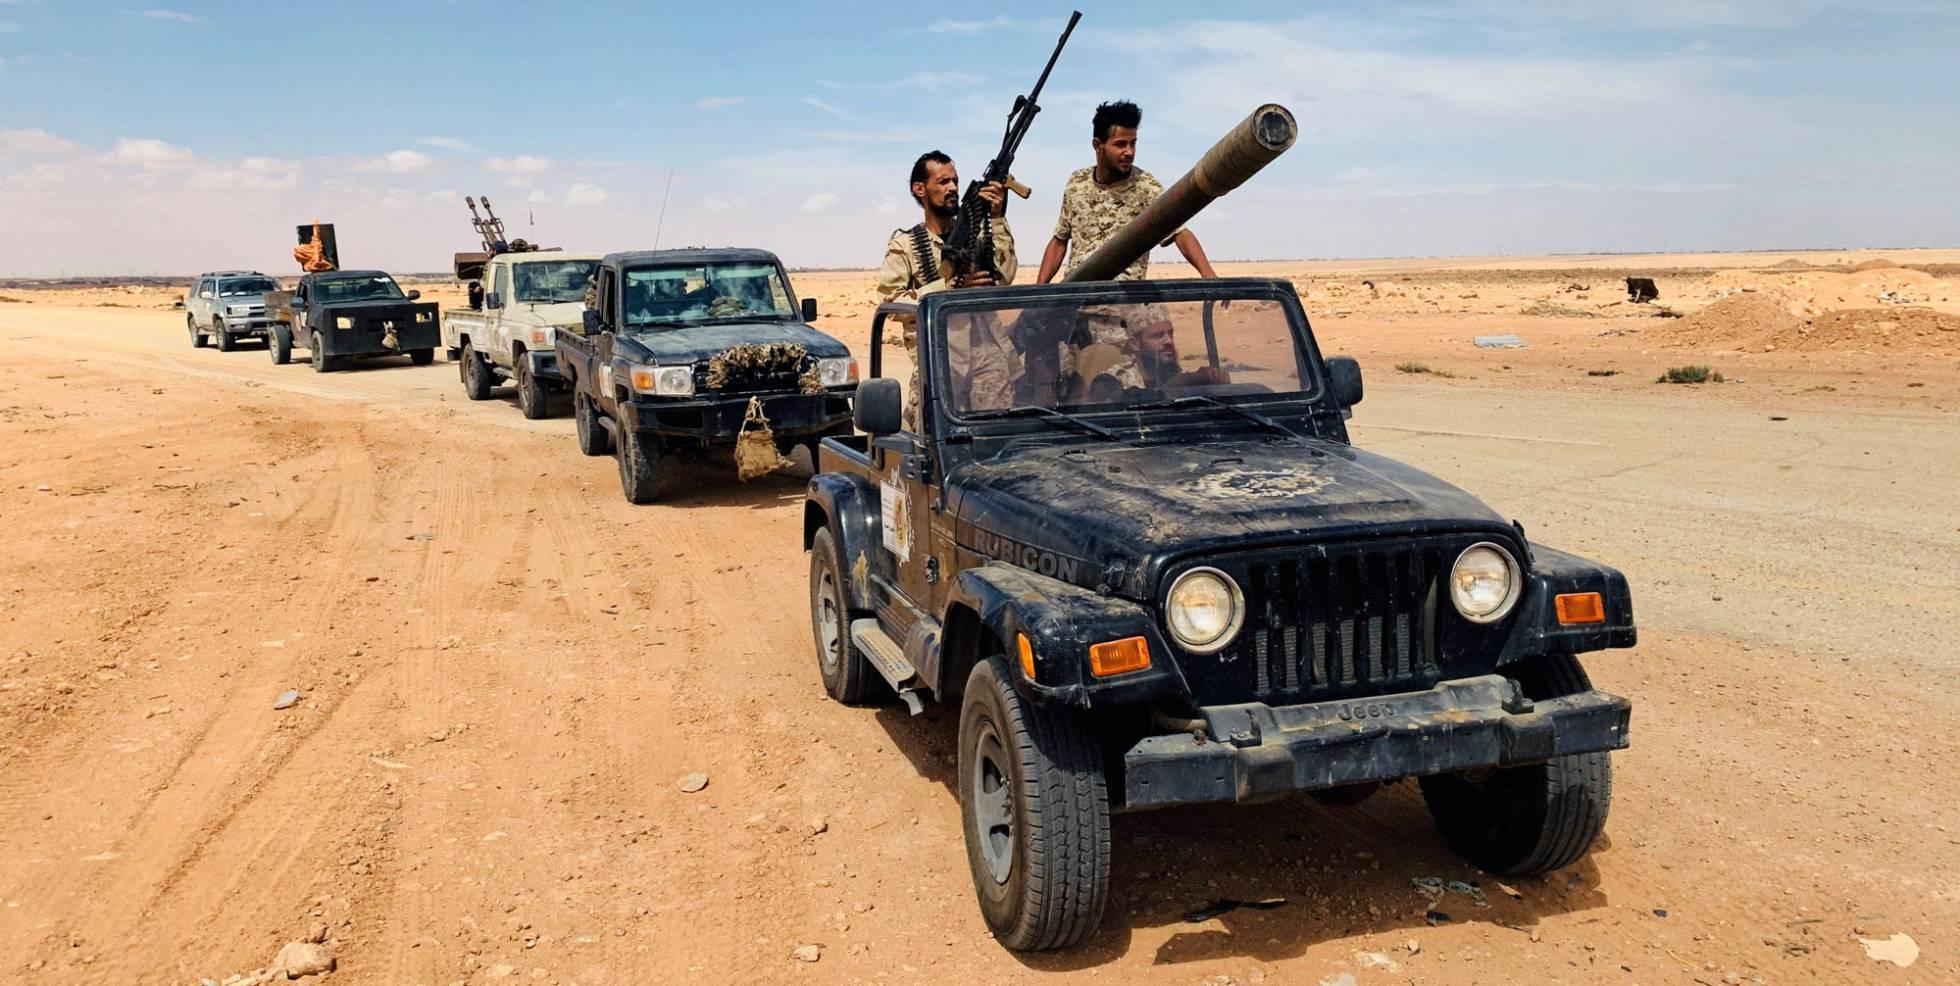 Libia. Internacionalismo proletario frente a apoyo a bandos capitalistas. - Página 20 1600587239_638528_1600587488_noticia_normal_recorte1